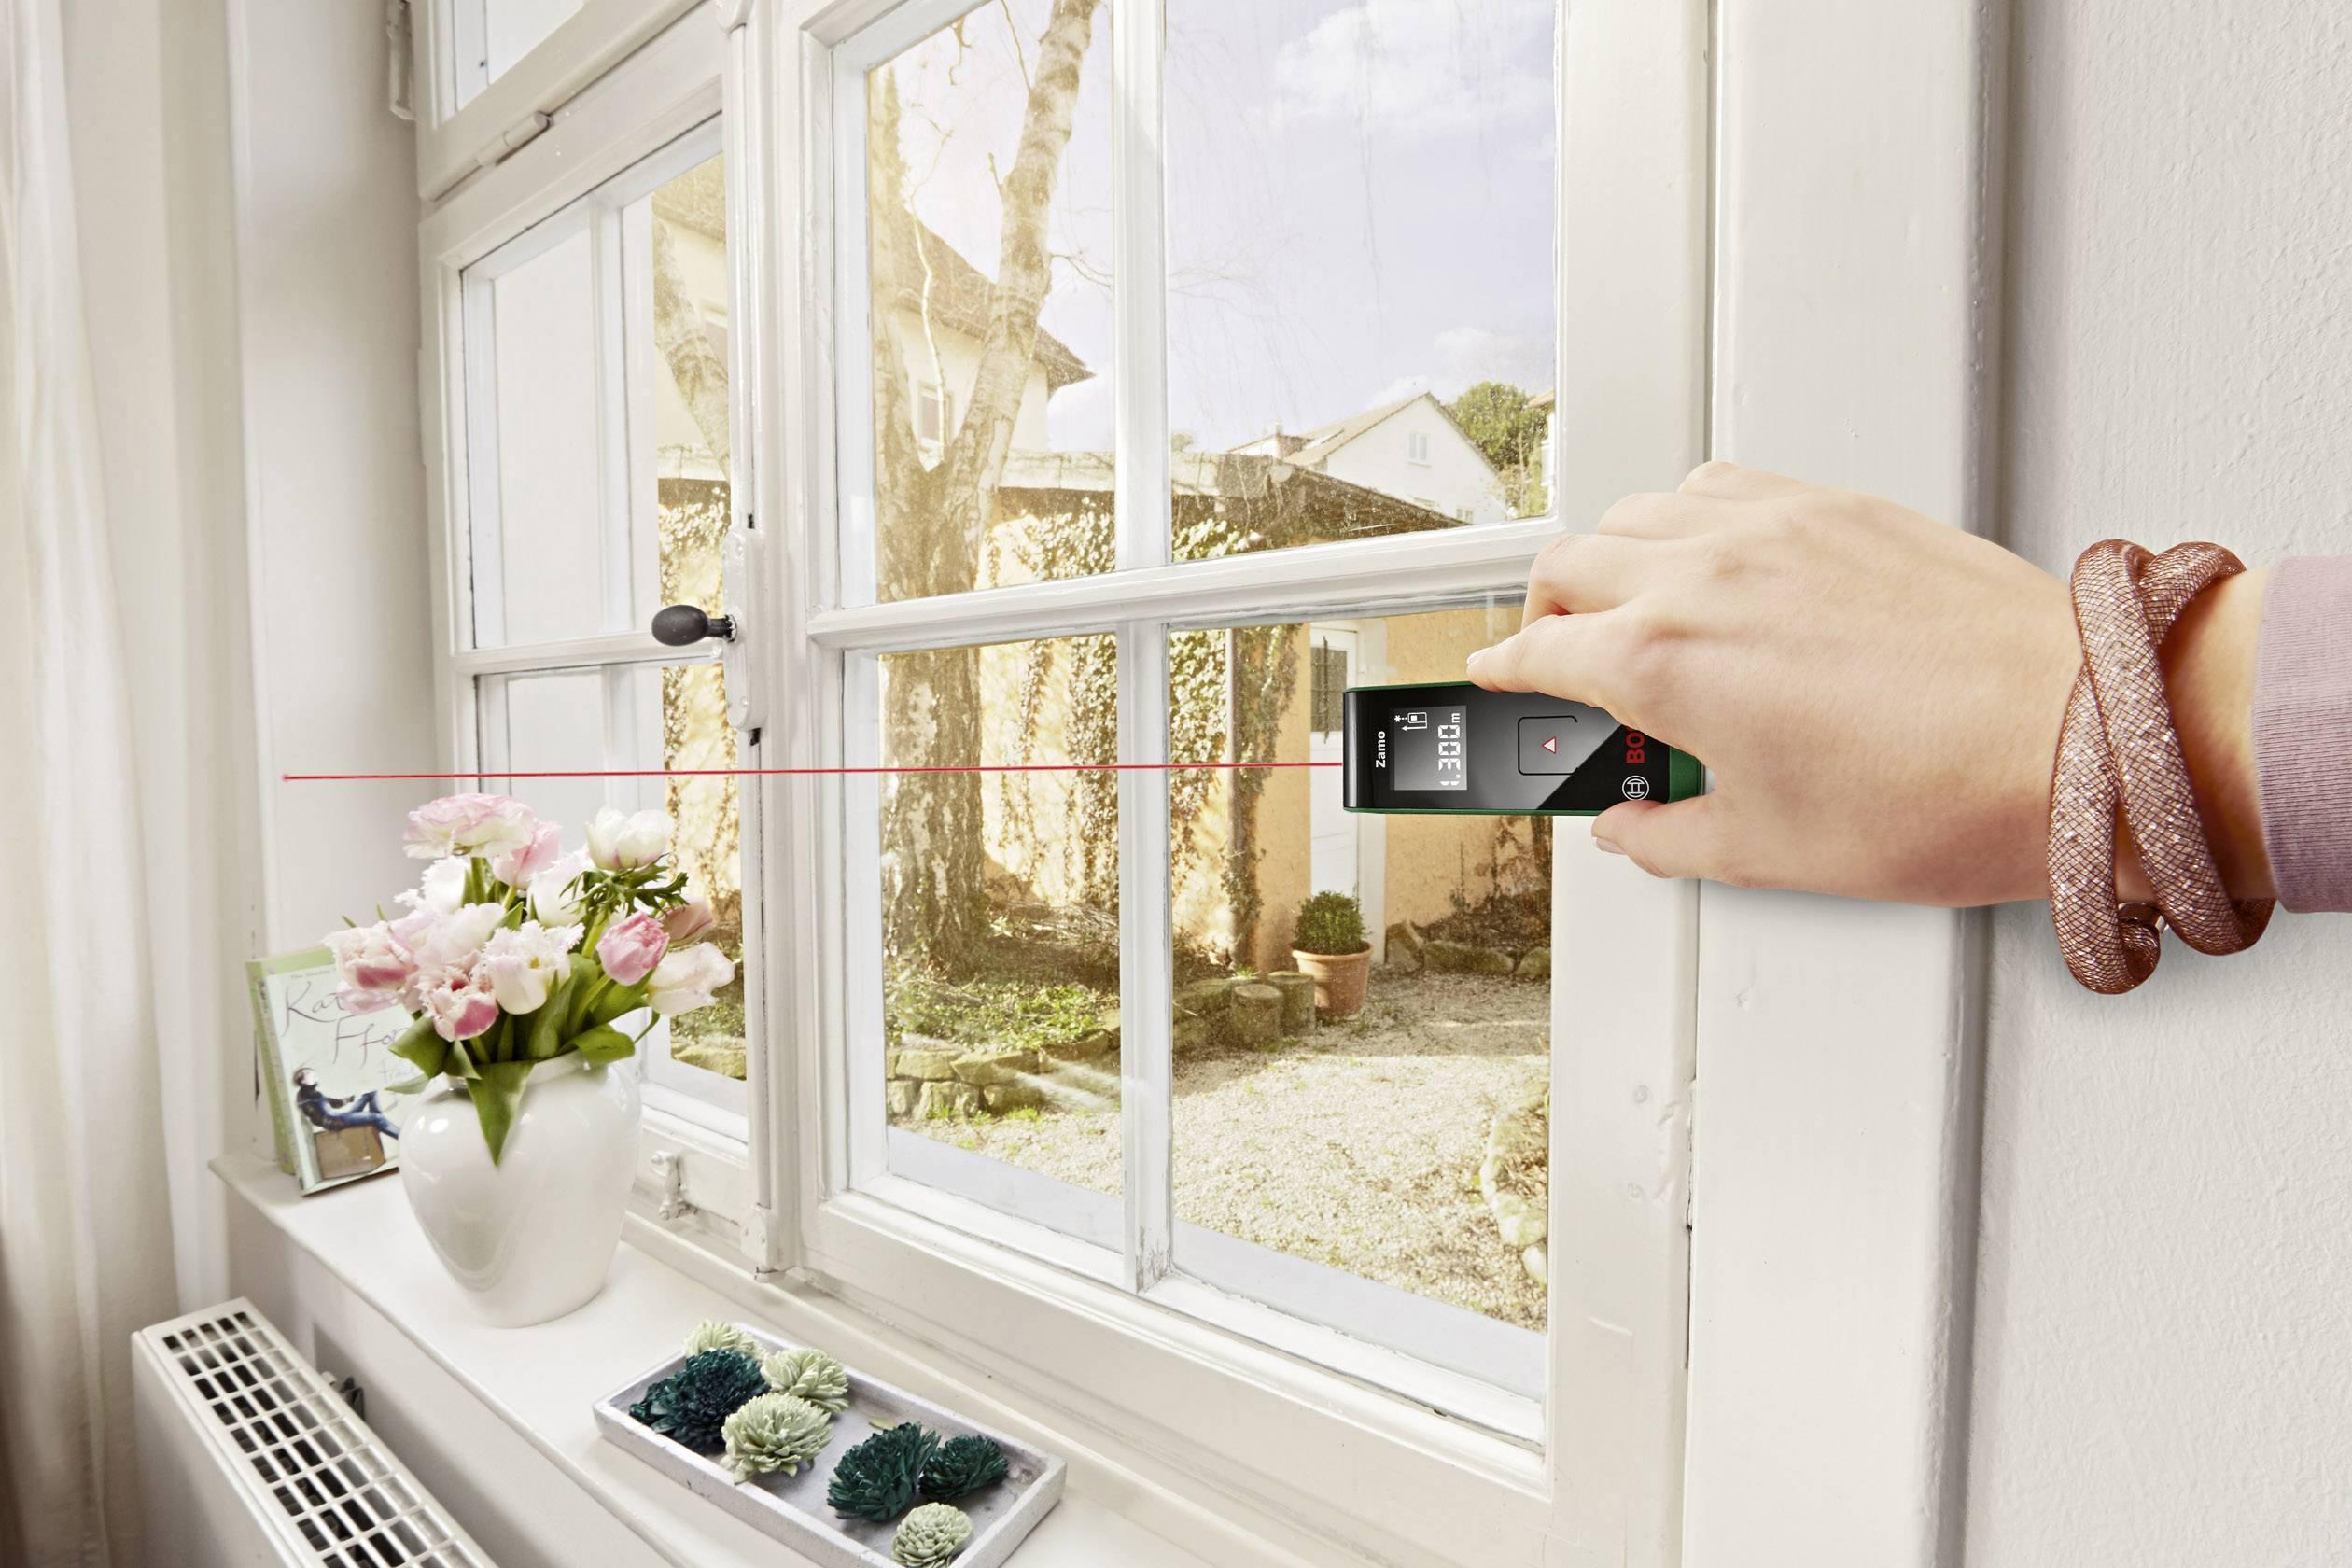 Ultraschall Entfernungsmesser Kinder : Bosch home and garden zamo ii ixolino laser entfernungsmesser